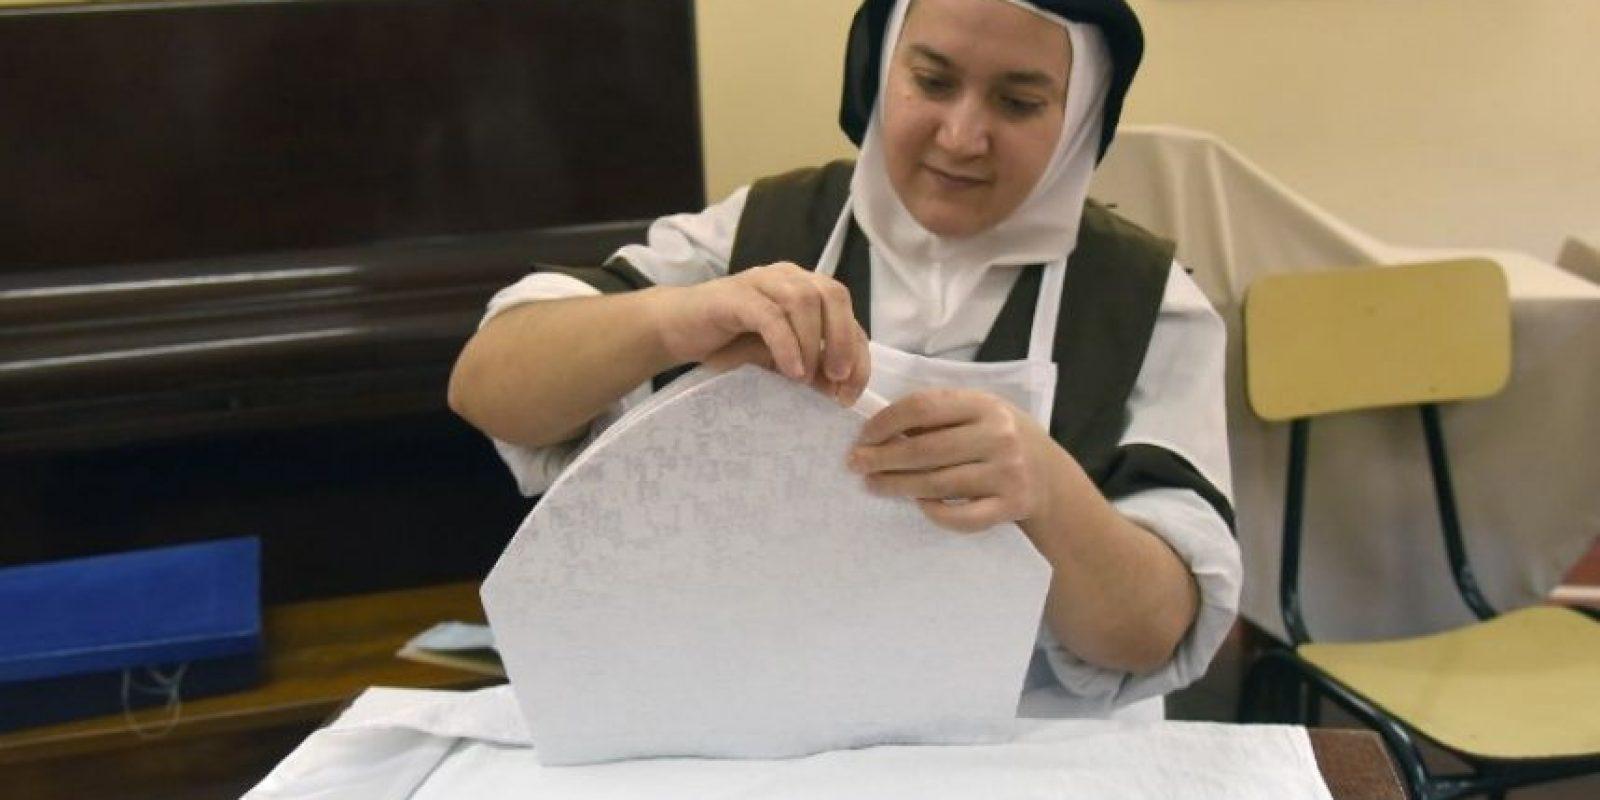 Las Carmelitas Descalzas preparan las hostias que se repartirán en las misas celebradas durante la visita de Francisco Foto:AFP